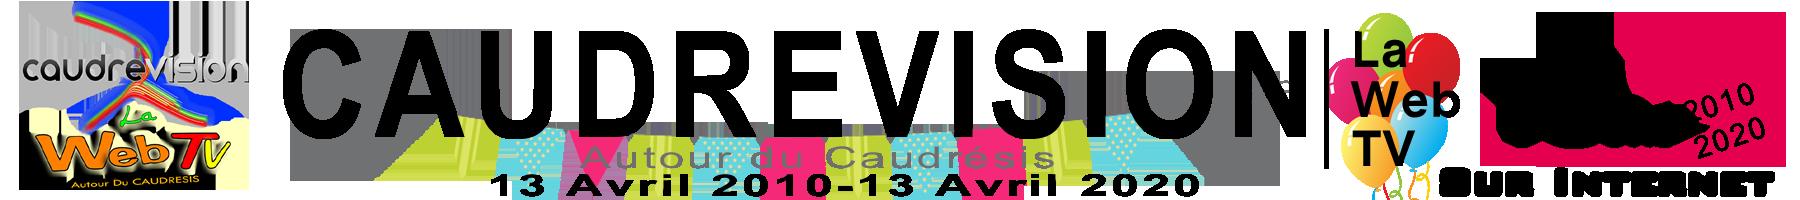 Caudrevision 2019 1800x200 10ans05 copie